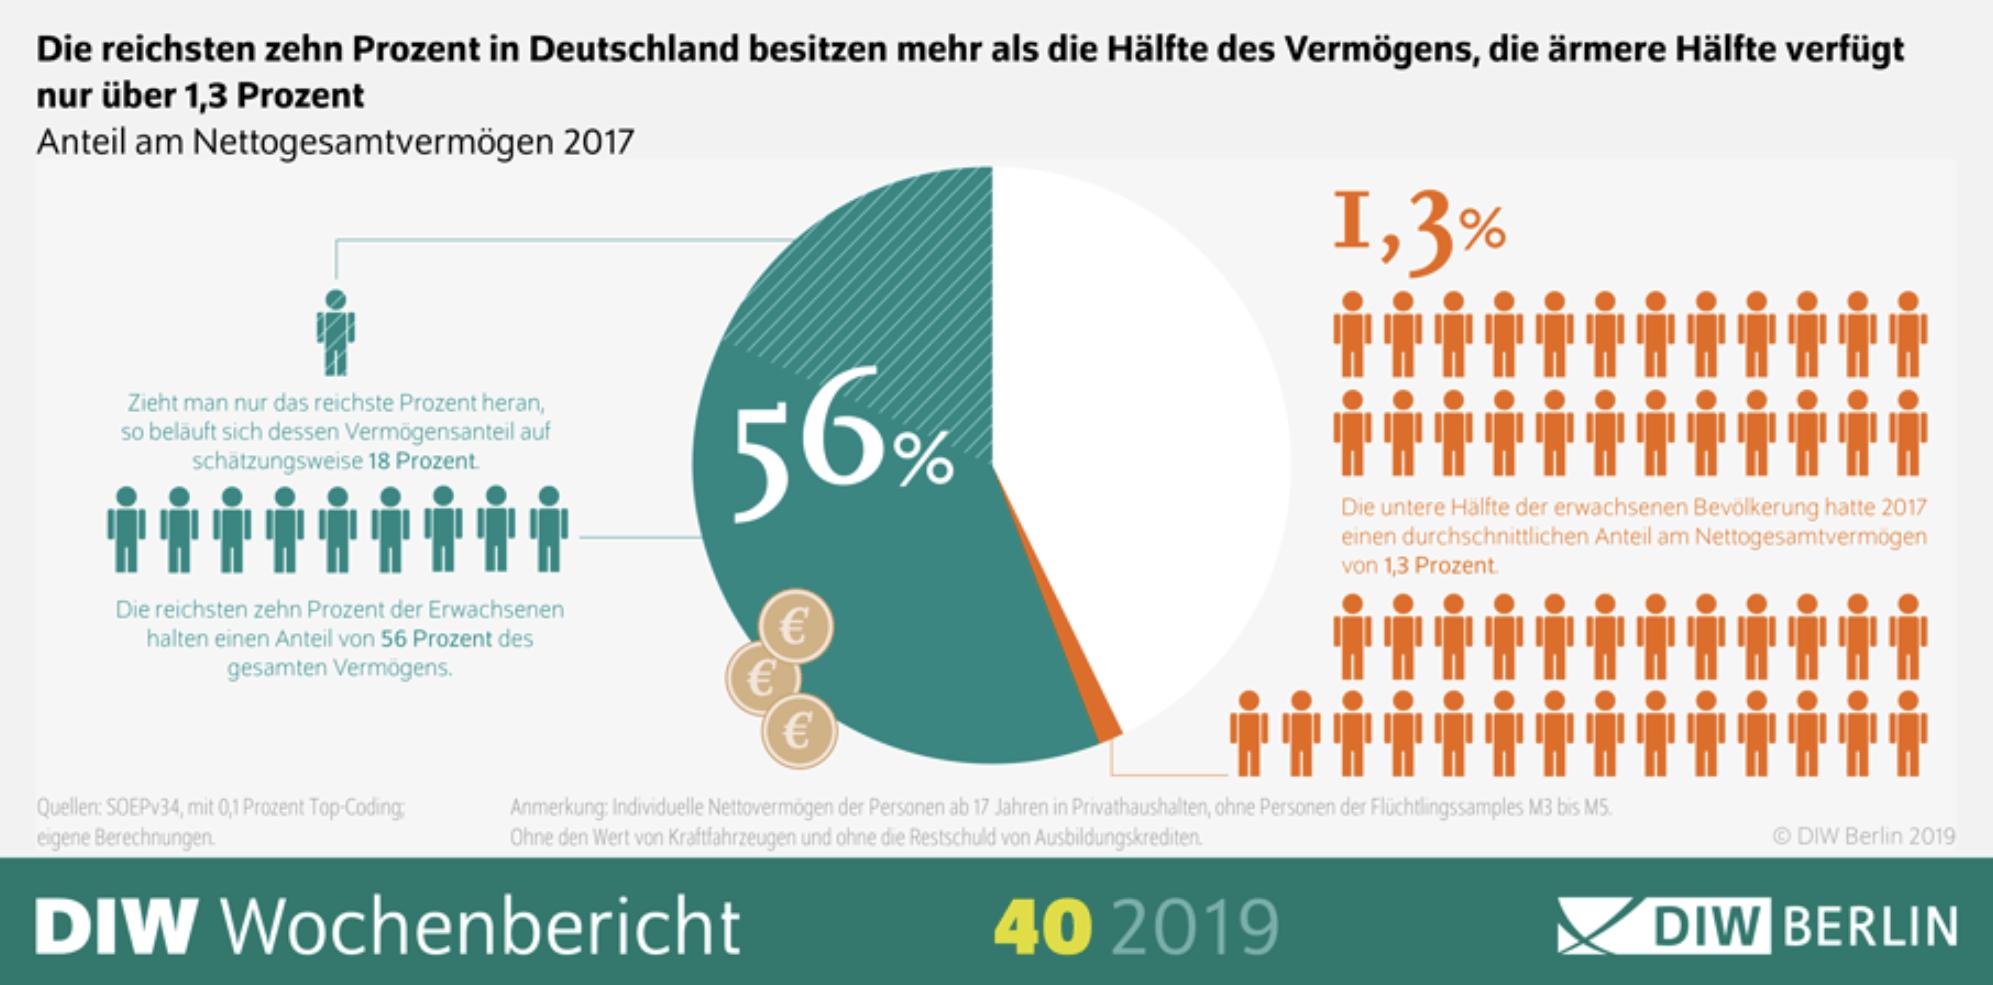 Vermögen in Deutschland - Immobilien wichtiger Faktor